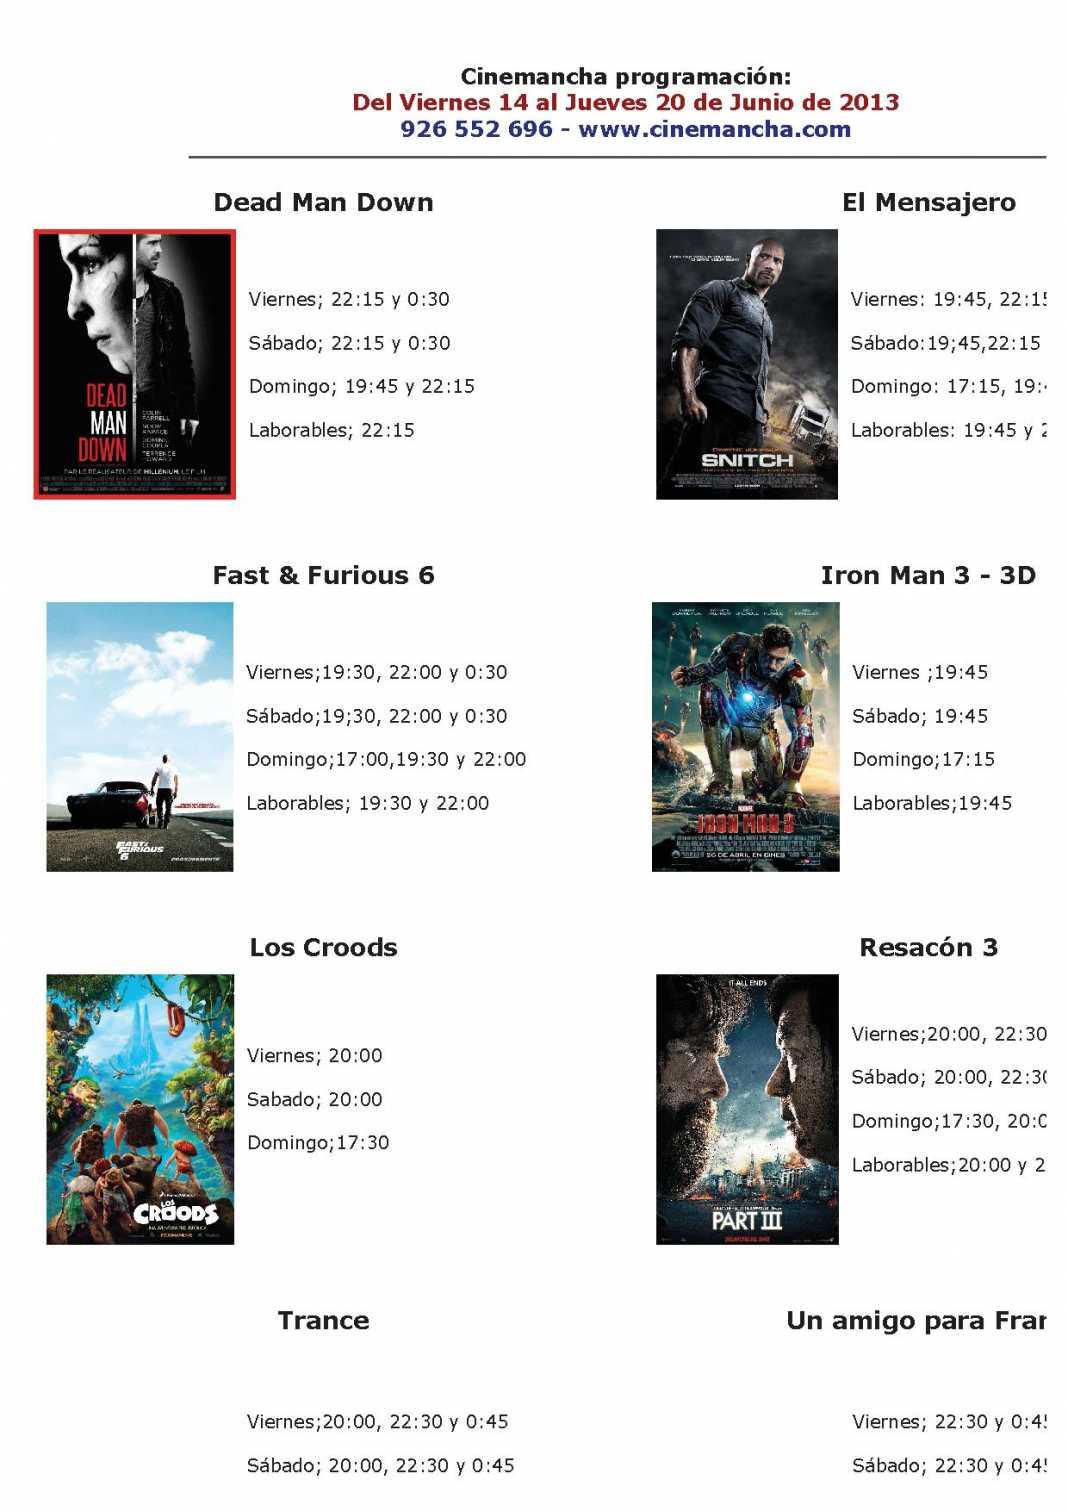 cartelera del 14 al 20 de junio 1068x1511 - Programación Cinemancha del 14 al 20 de junio